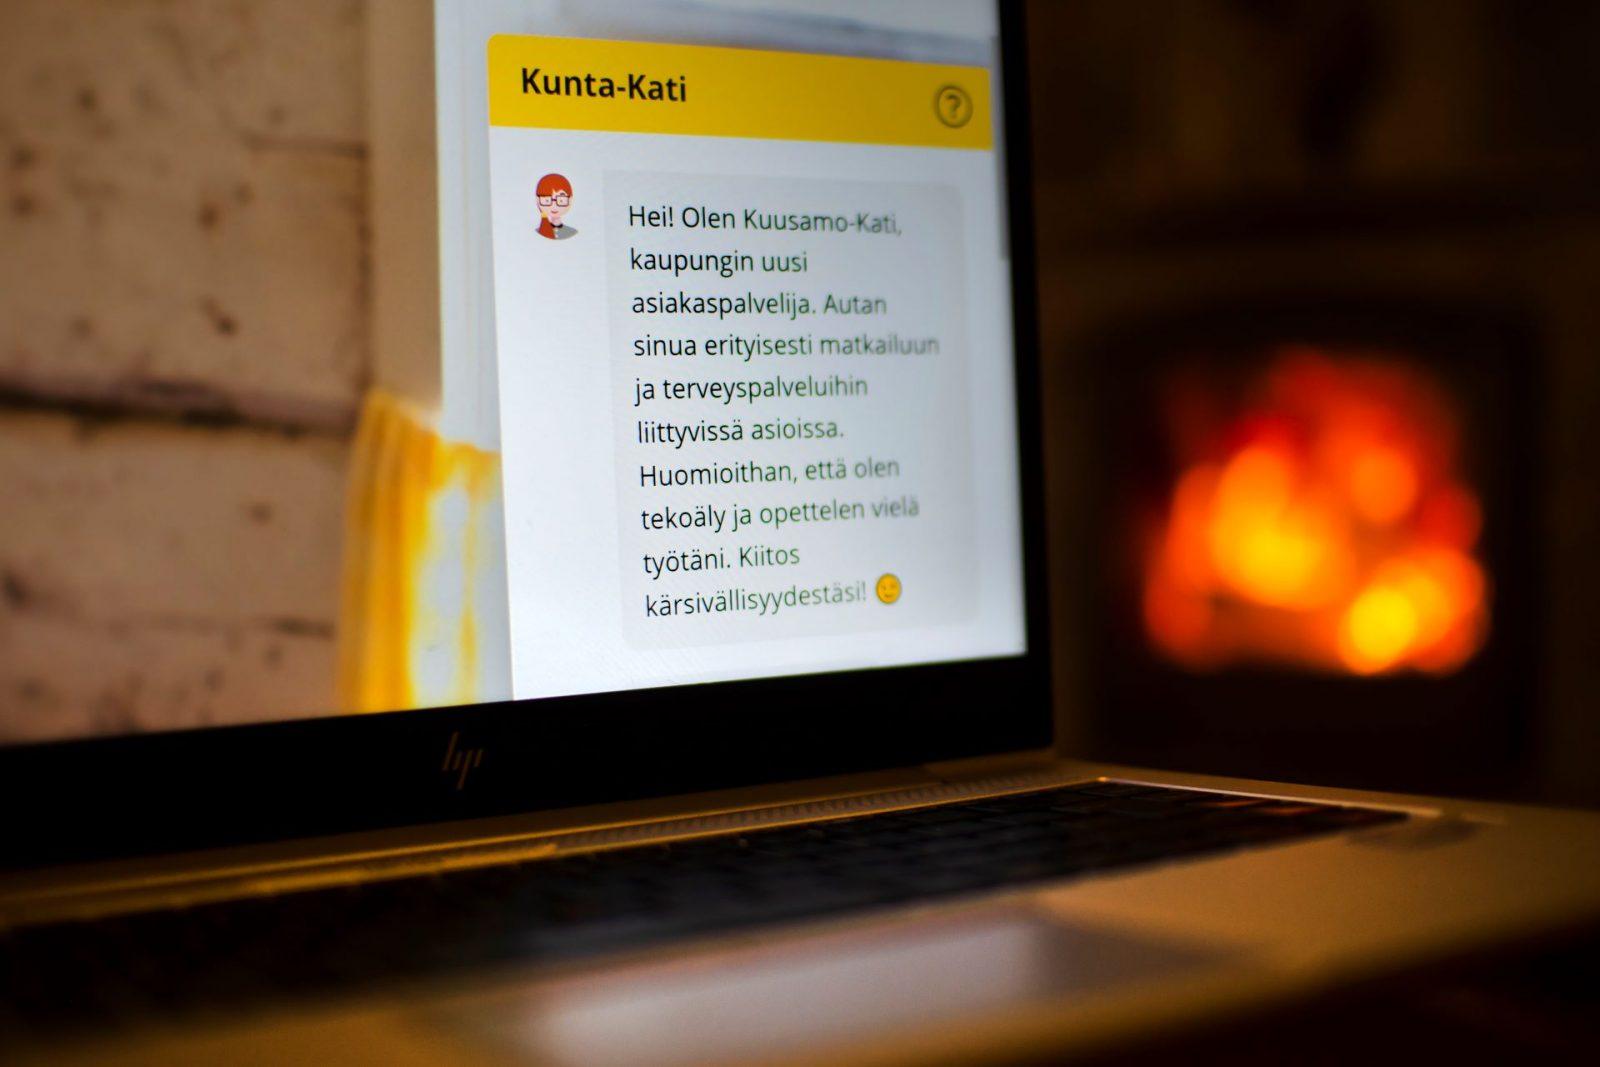 Tietokone takkataulen loisteessa. Ruudulla näkyy kirkkaana chätbotin, Kuusamo-Katin, keskusteluruutu.